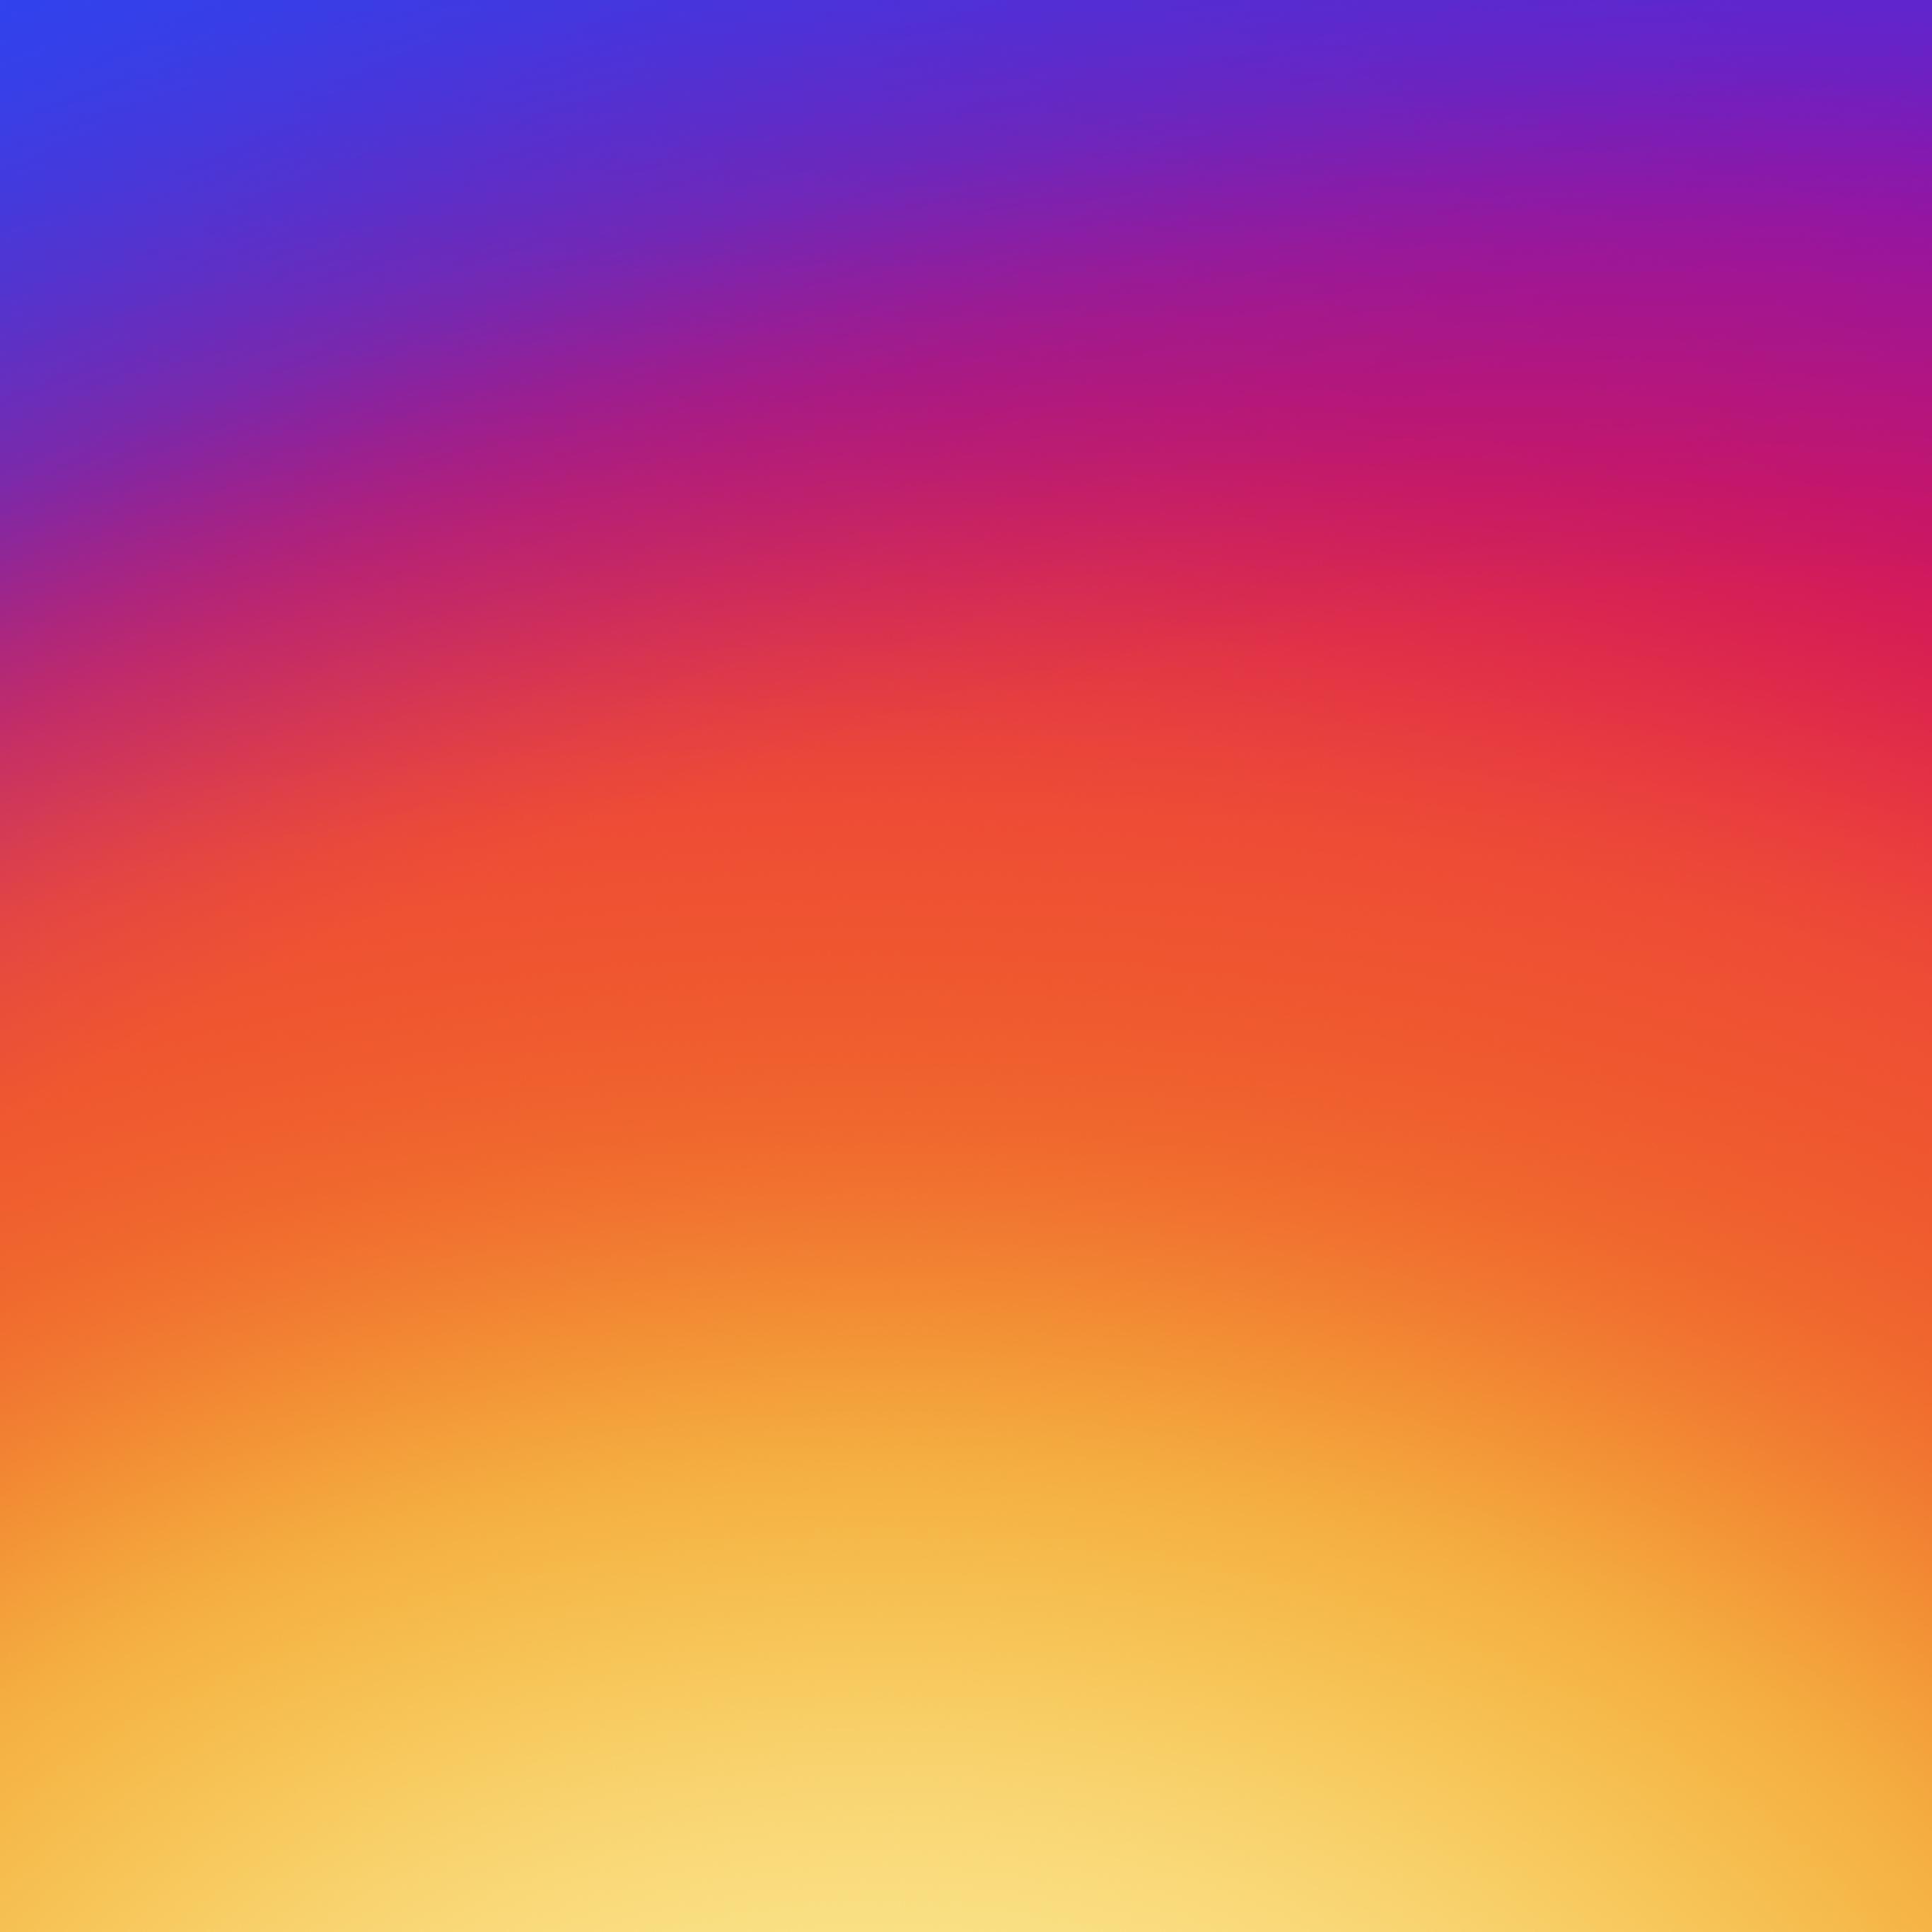 Wallpaper Weekends Instagram Gradient Wallpaper for Mac iPhone 2732x2732